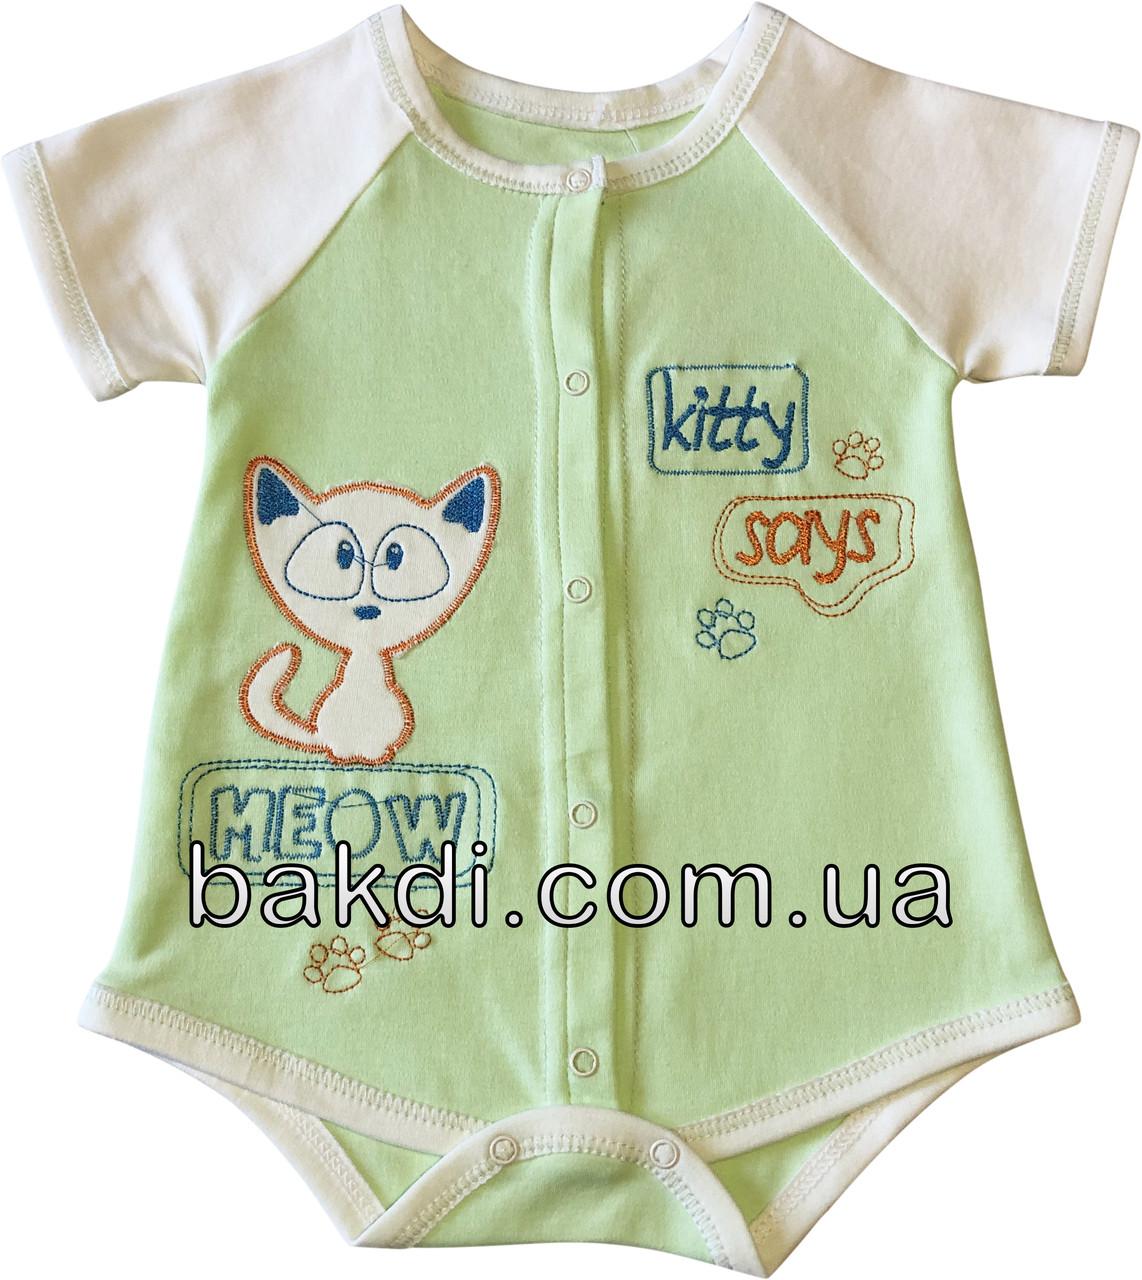 Детское летнее боди рост 62 2-3 мес трикотажное интерлок салатовое на мальчика девочку бодик с коротким рукавом для новорожденных малышей СН115